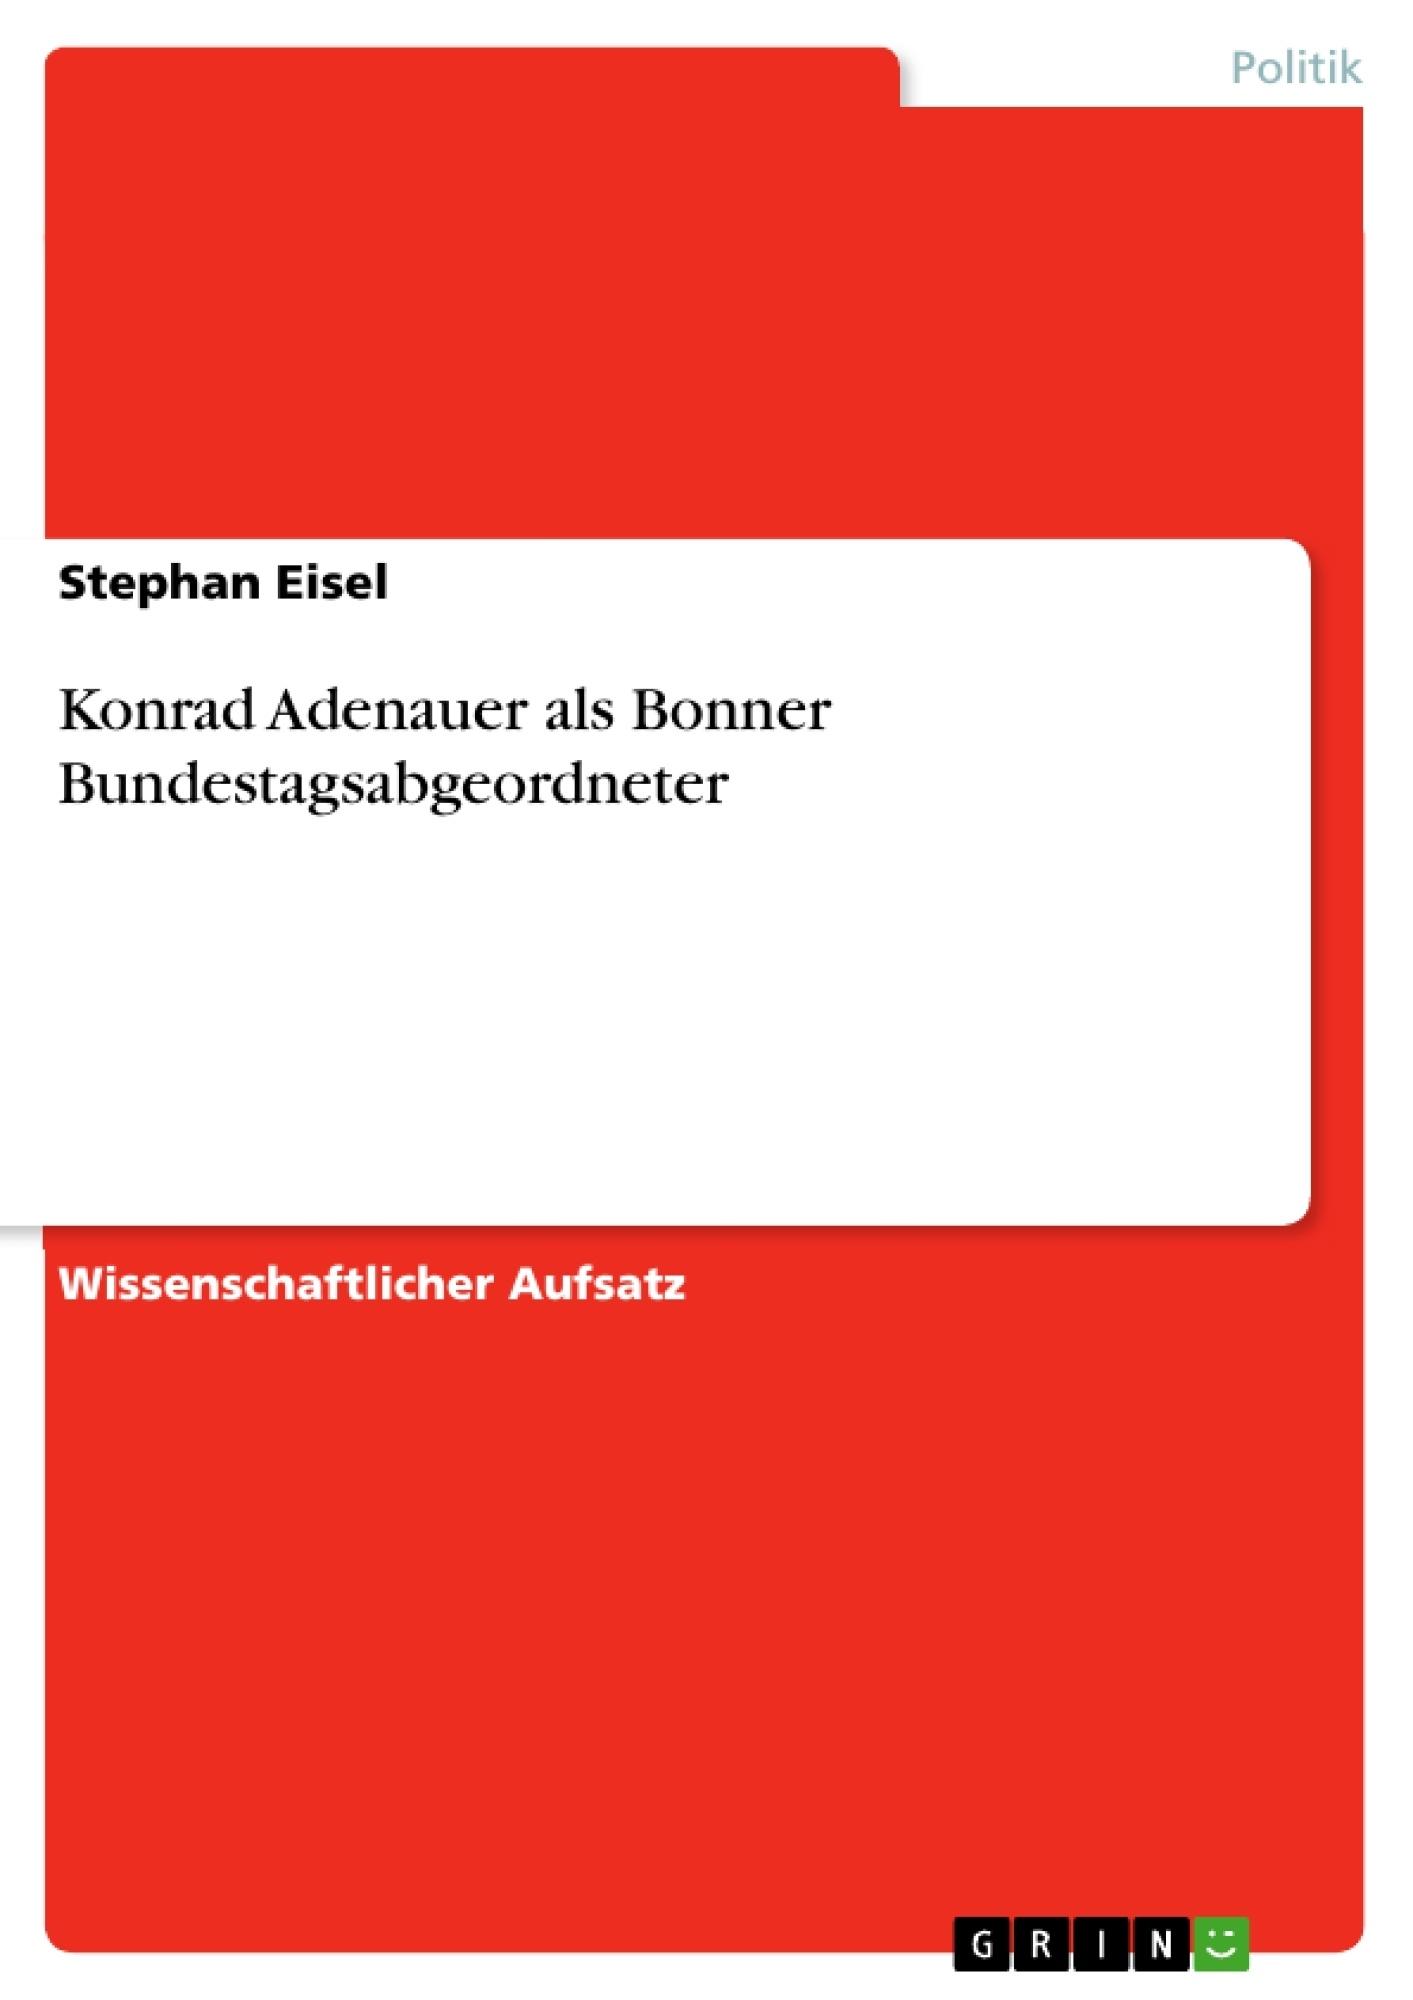 Titel: Konrad Adenauer als Bonner Bundestagsabgeordneter